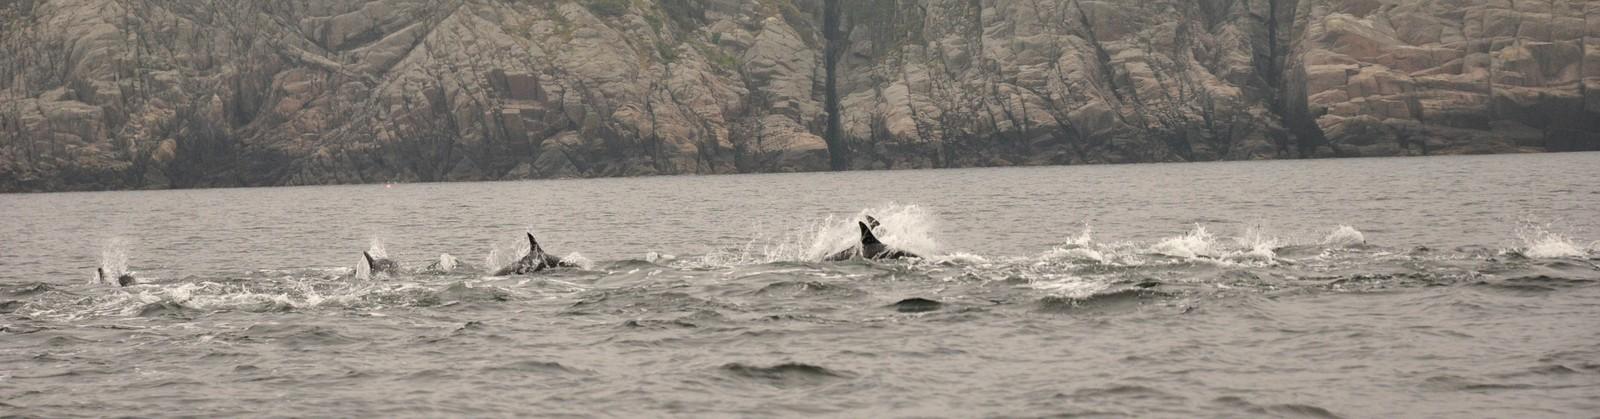 Båten med 60 hestekrefter hadde vanskeligheter med å følge delfinene, forteller Østhus.